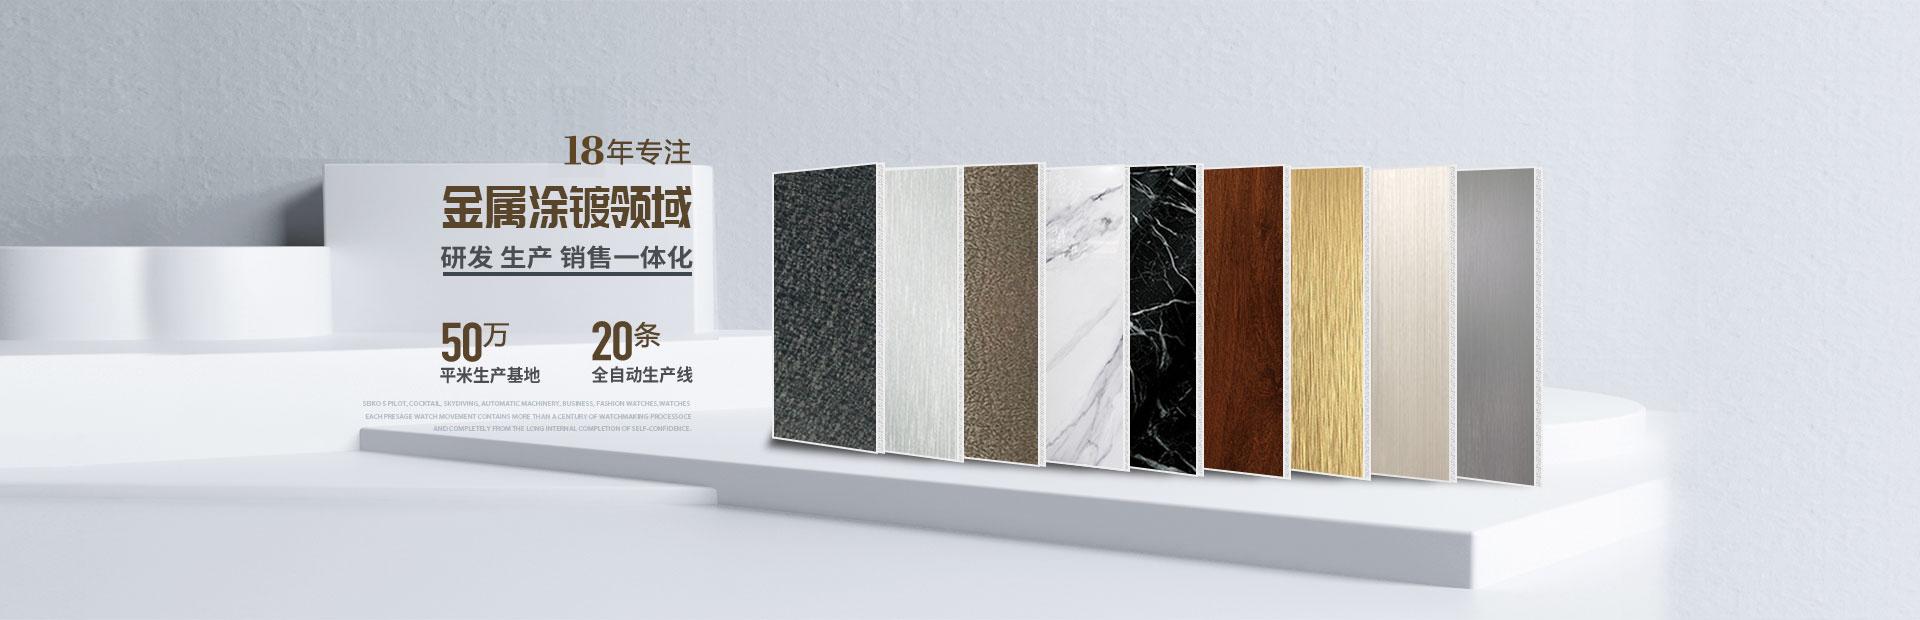 装饰彩涂钢铝卷板A2金属复合板厂家-河北蓝天u+品牌